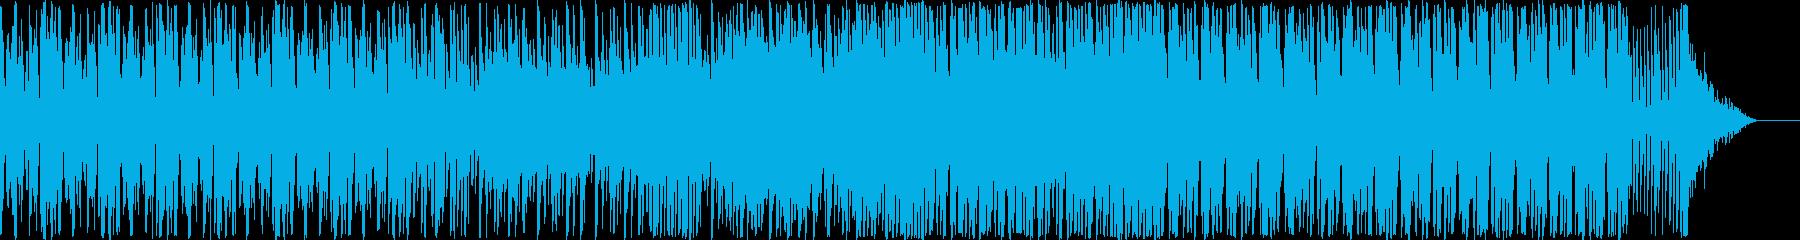 1分間クイズの頭脳派コンピュータBGMの再生済みの波形